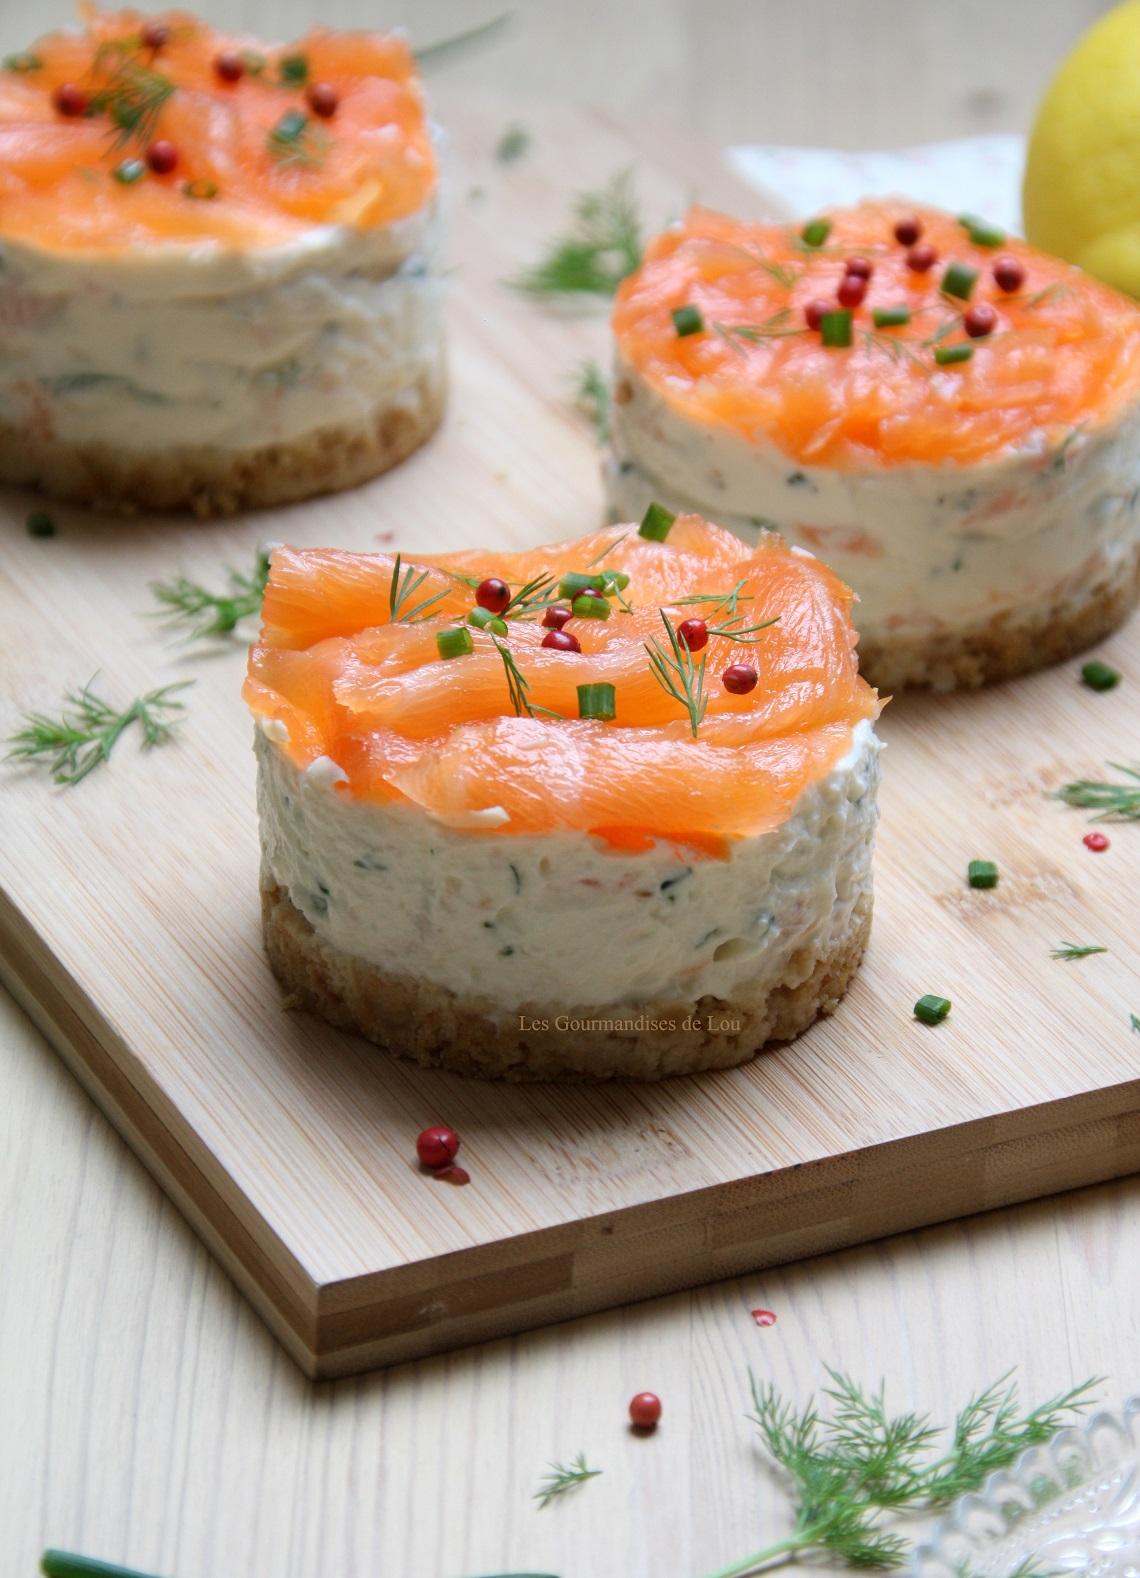 Cheesecake au saumon fum les gourmandises de lou for Entree sans poisson